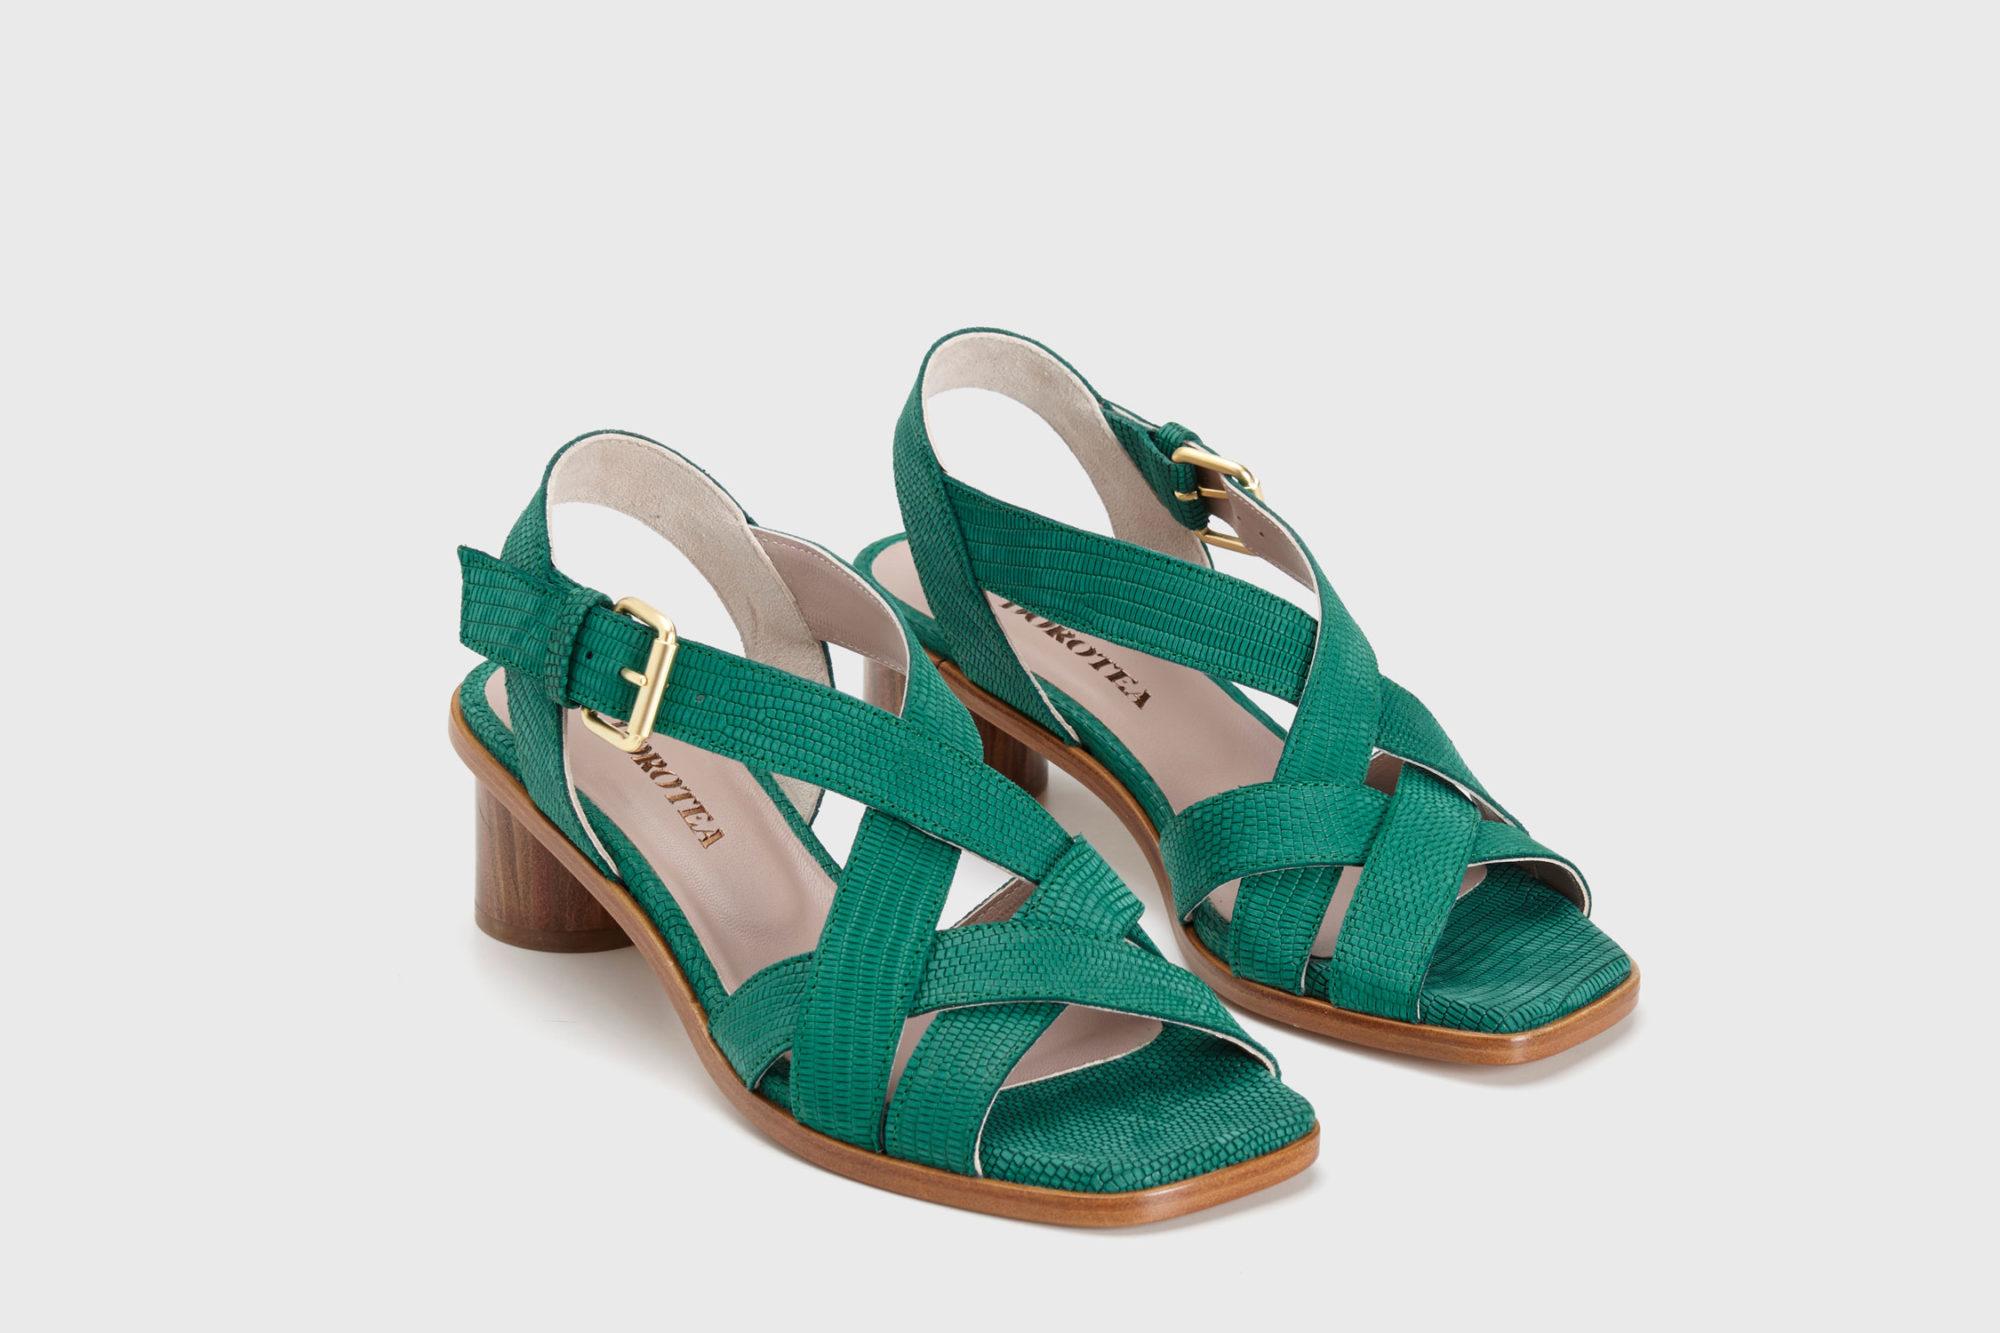 Dorotea sandalia de tacón medio Jeanne verde ss17 par